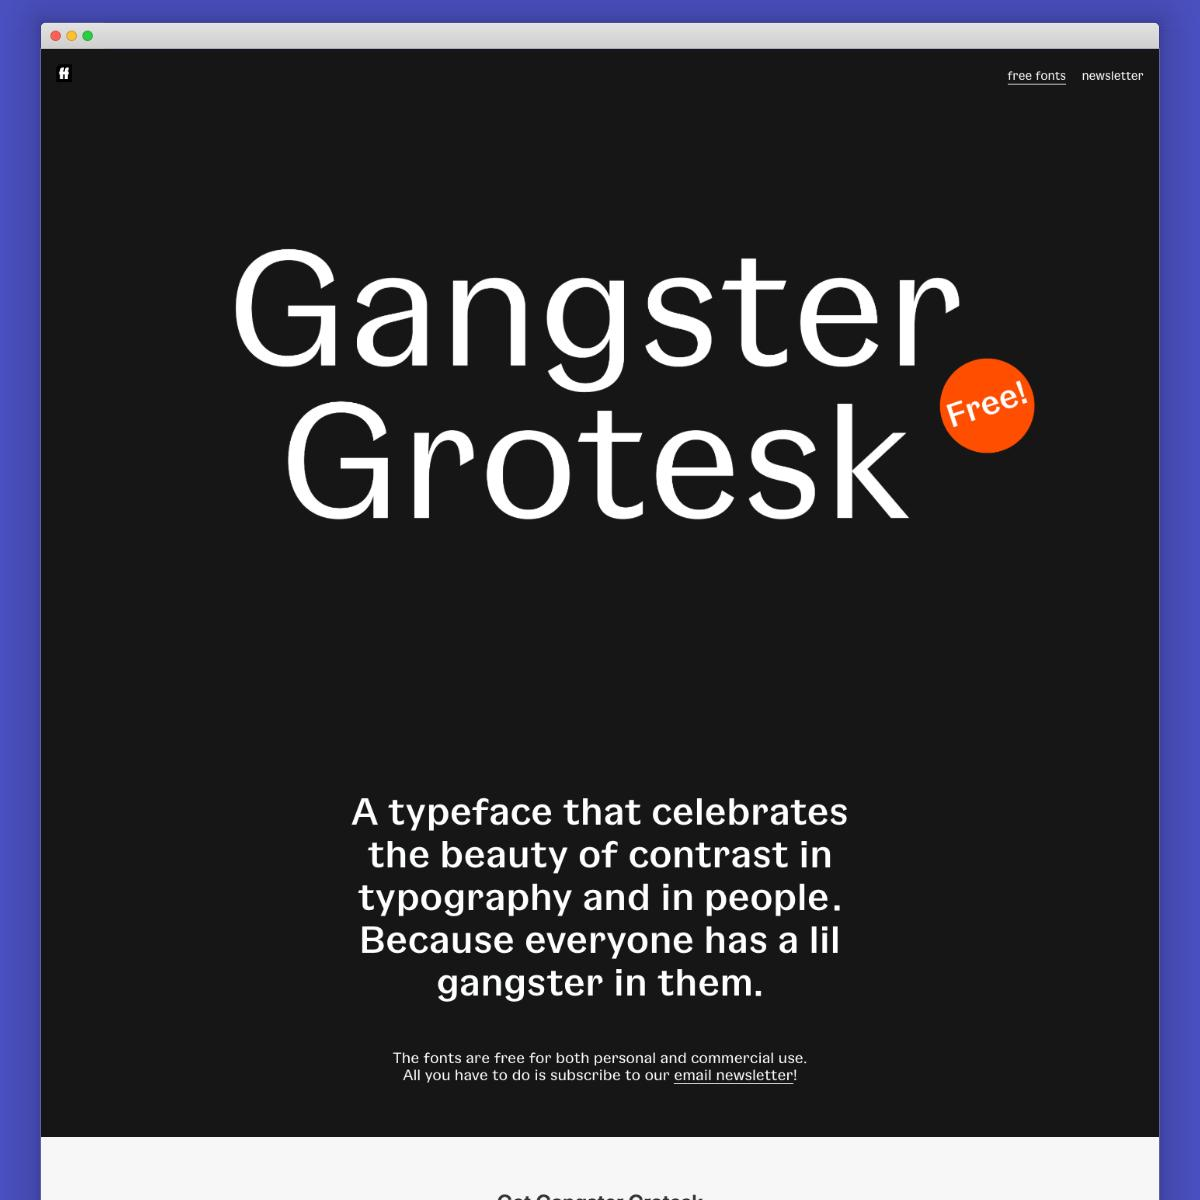 Fresh Fonts (@fresh_fonts) | Twitter